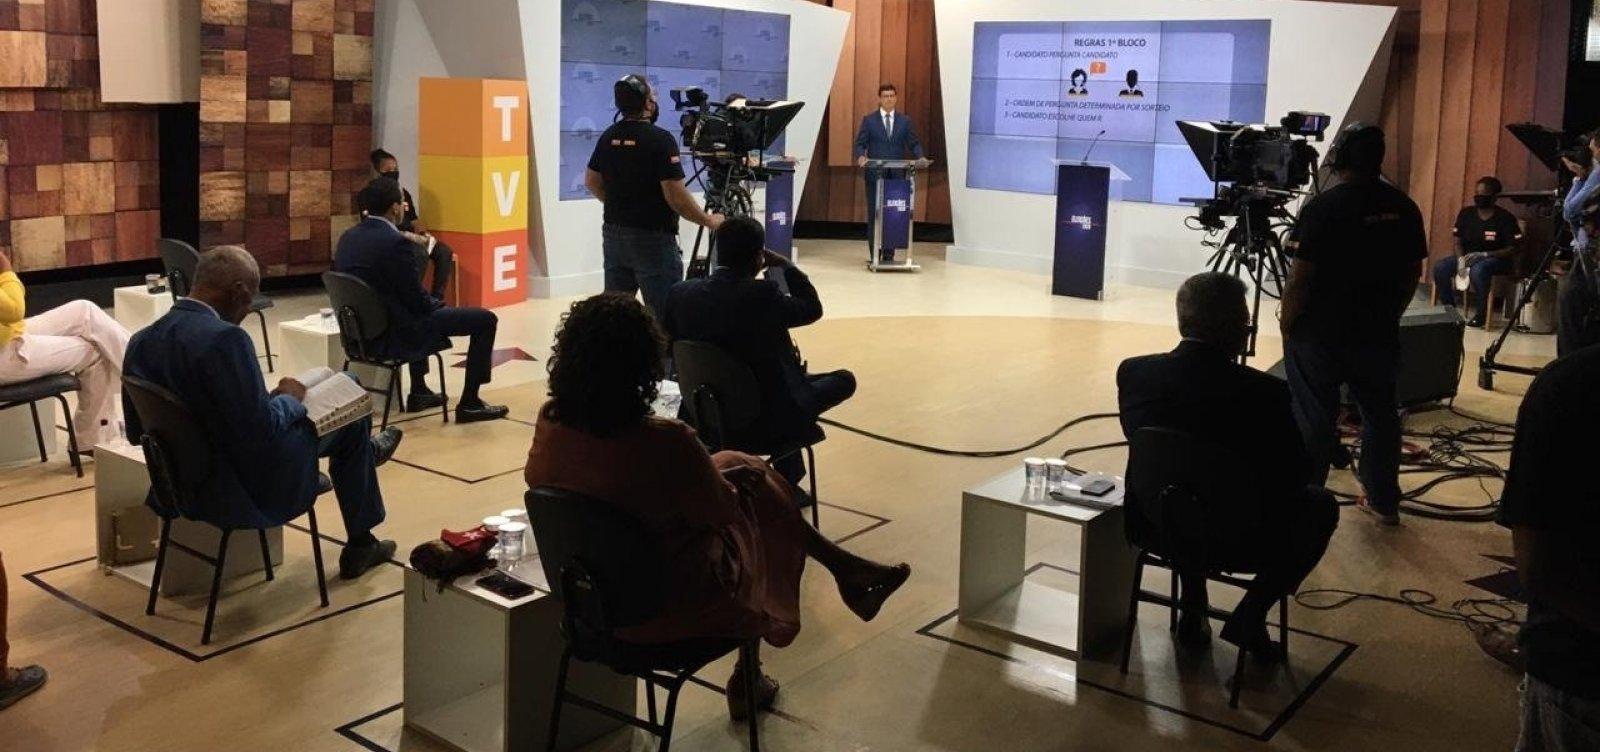 [Debate na TVE: em primeiro bloco, candidatos miram em Bruno Reis e sobem tom de ataques]